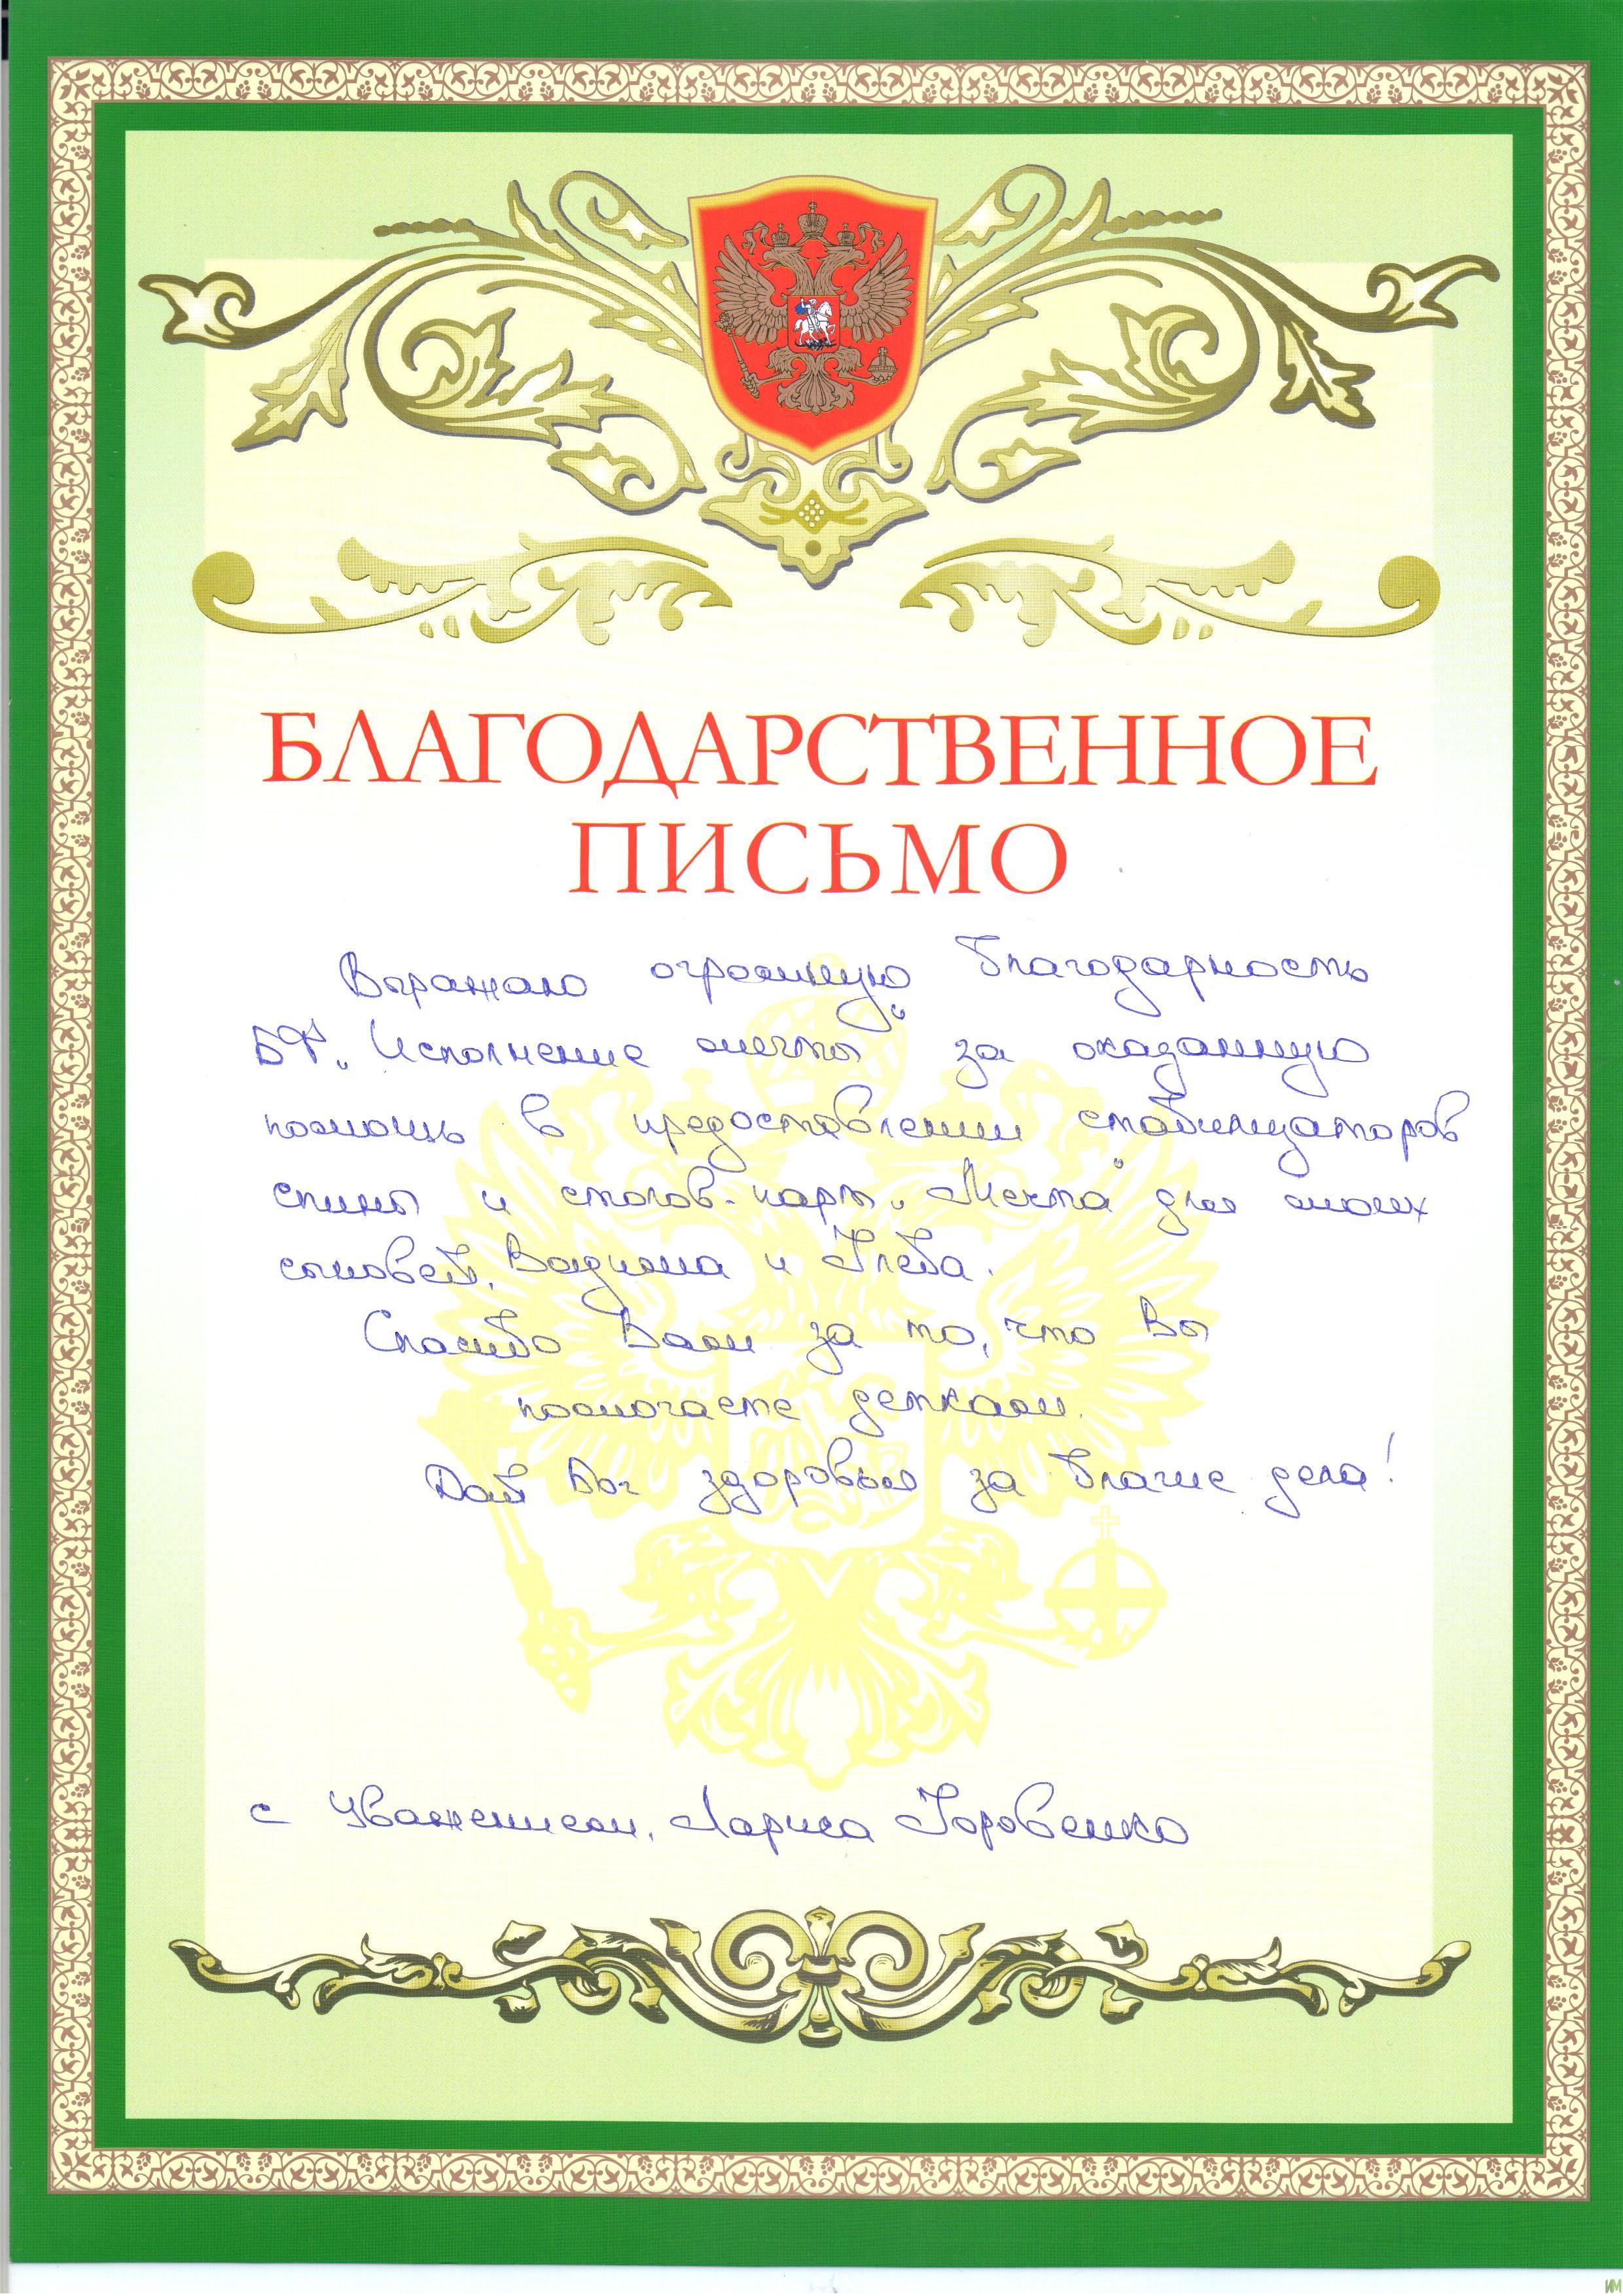 Благодарственное письмо от мамы Горовенко Вадима и Глеба